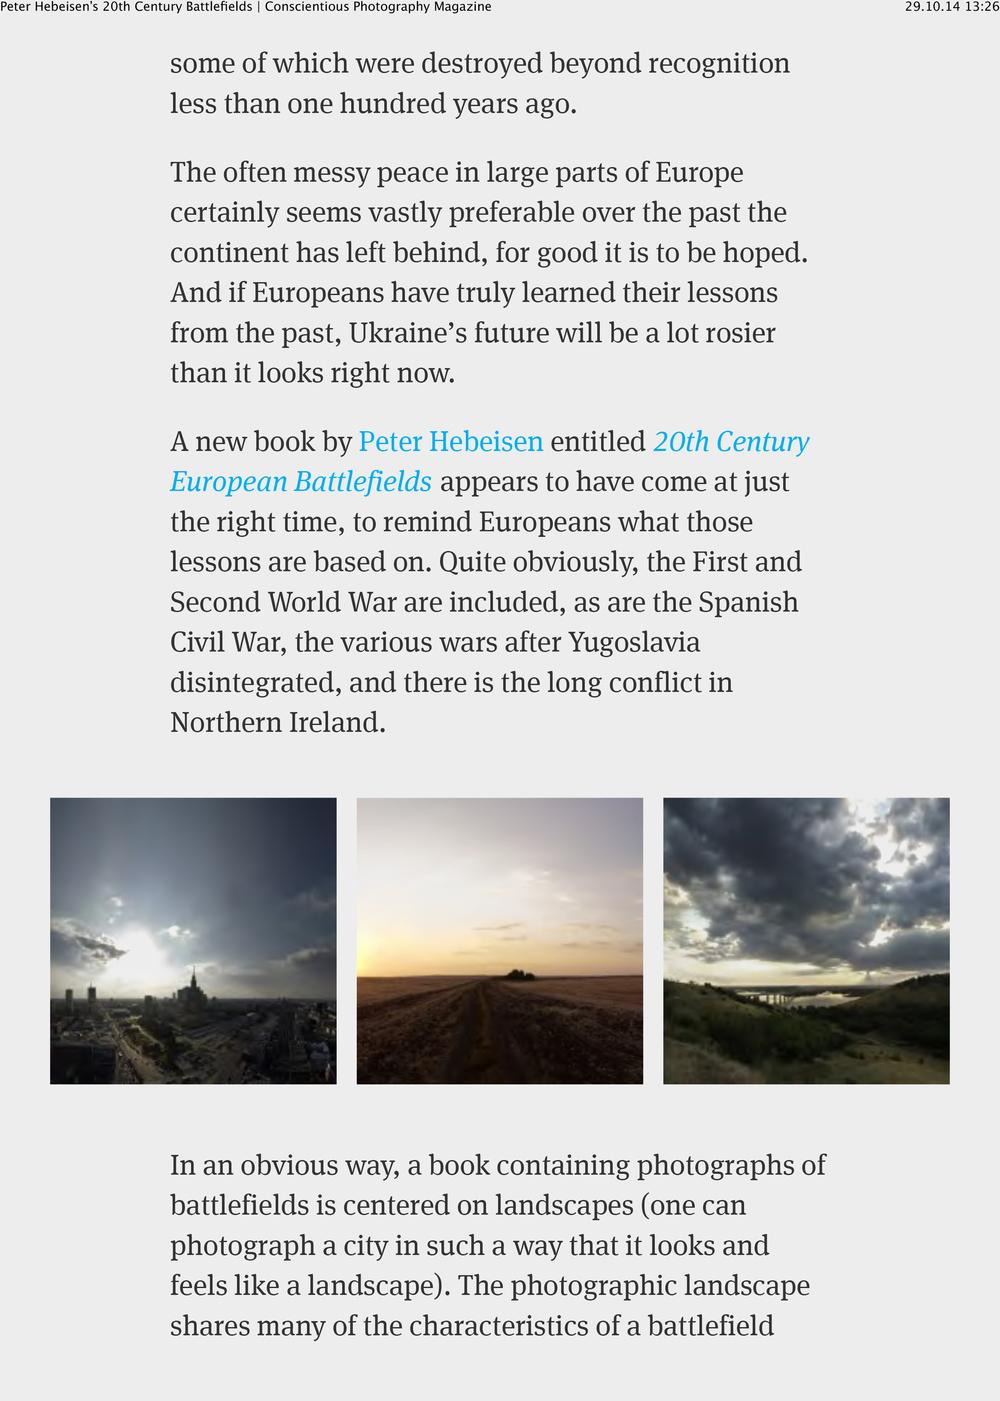 Peter Hebeisen's 20th Century Battlefields | Conscientious Photography Magazine-3 Kopie.jpg